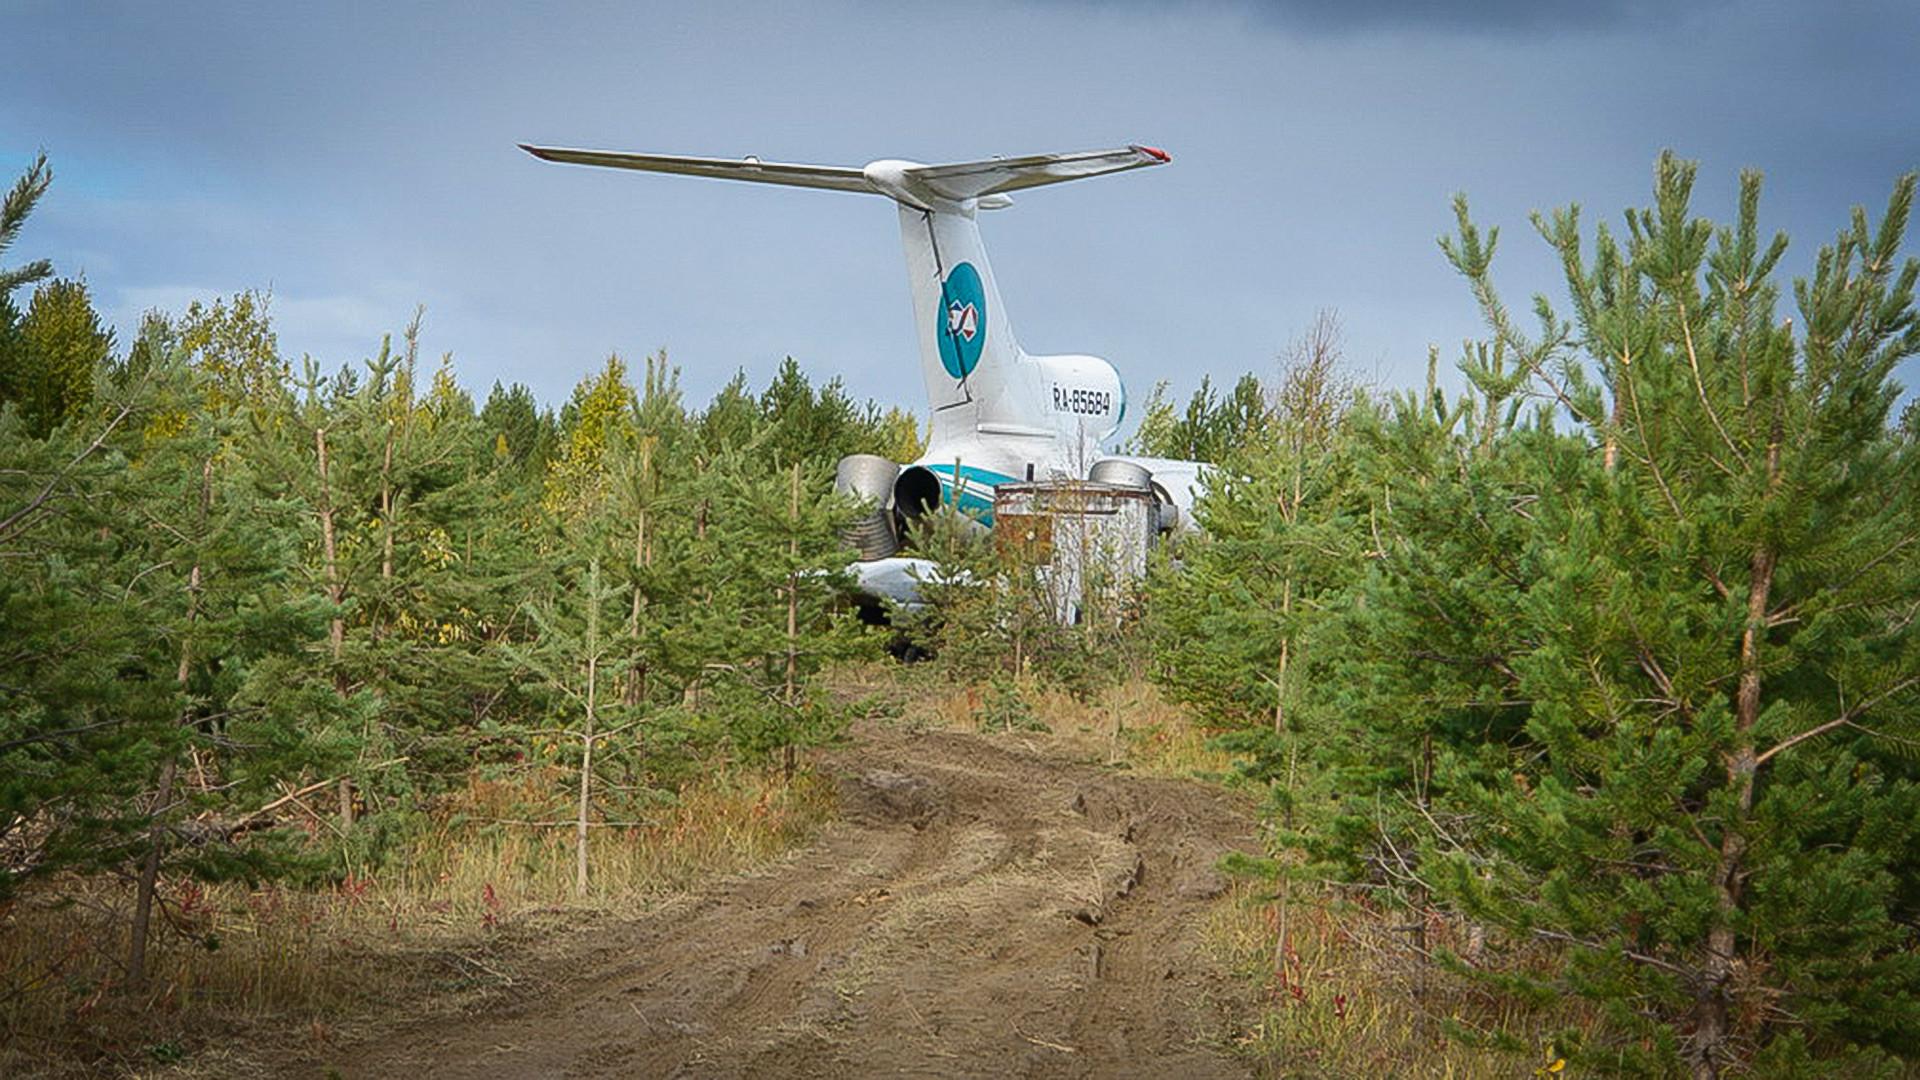 事故の後、コミ共和国の滑走路に着陸した定期旅客機ツポレフ154